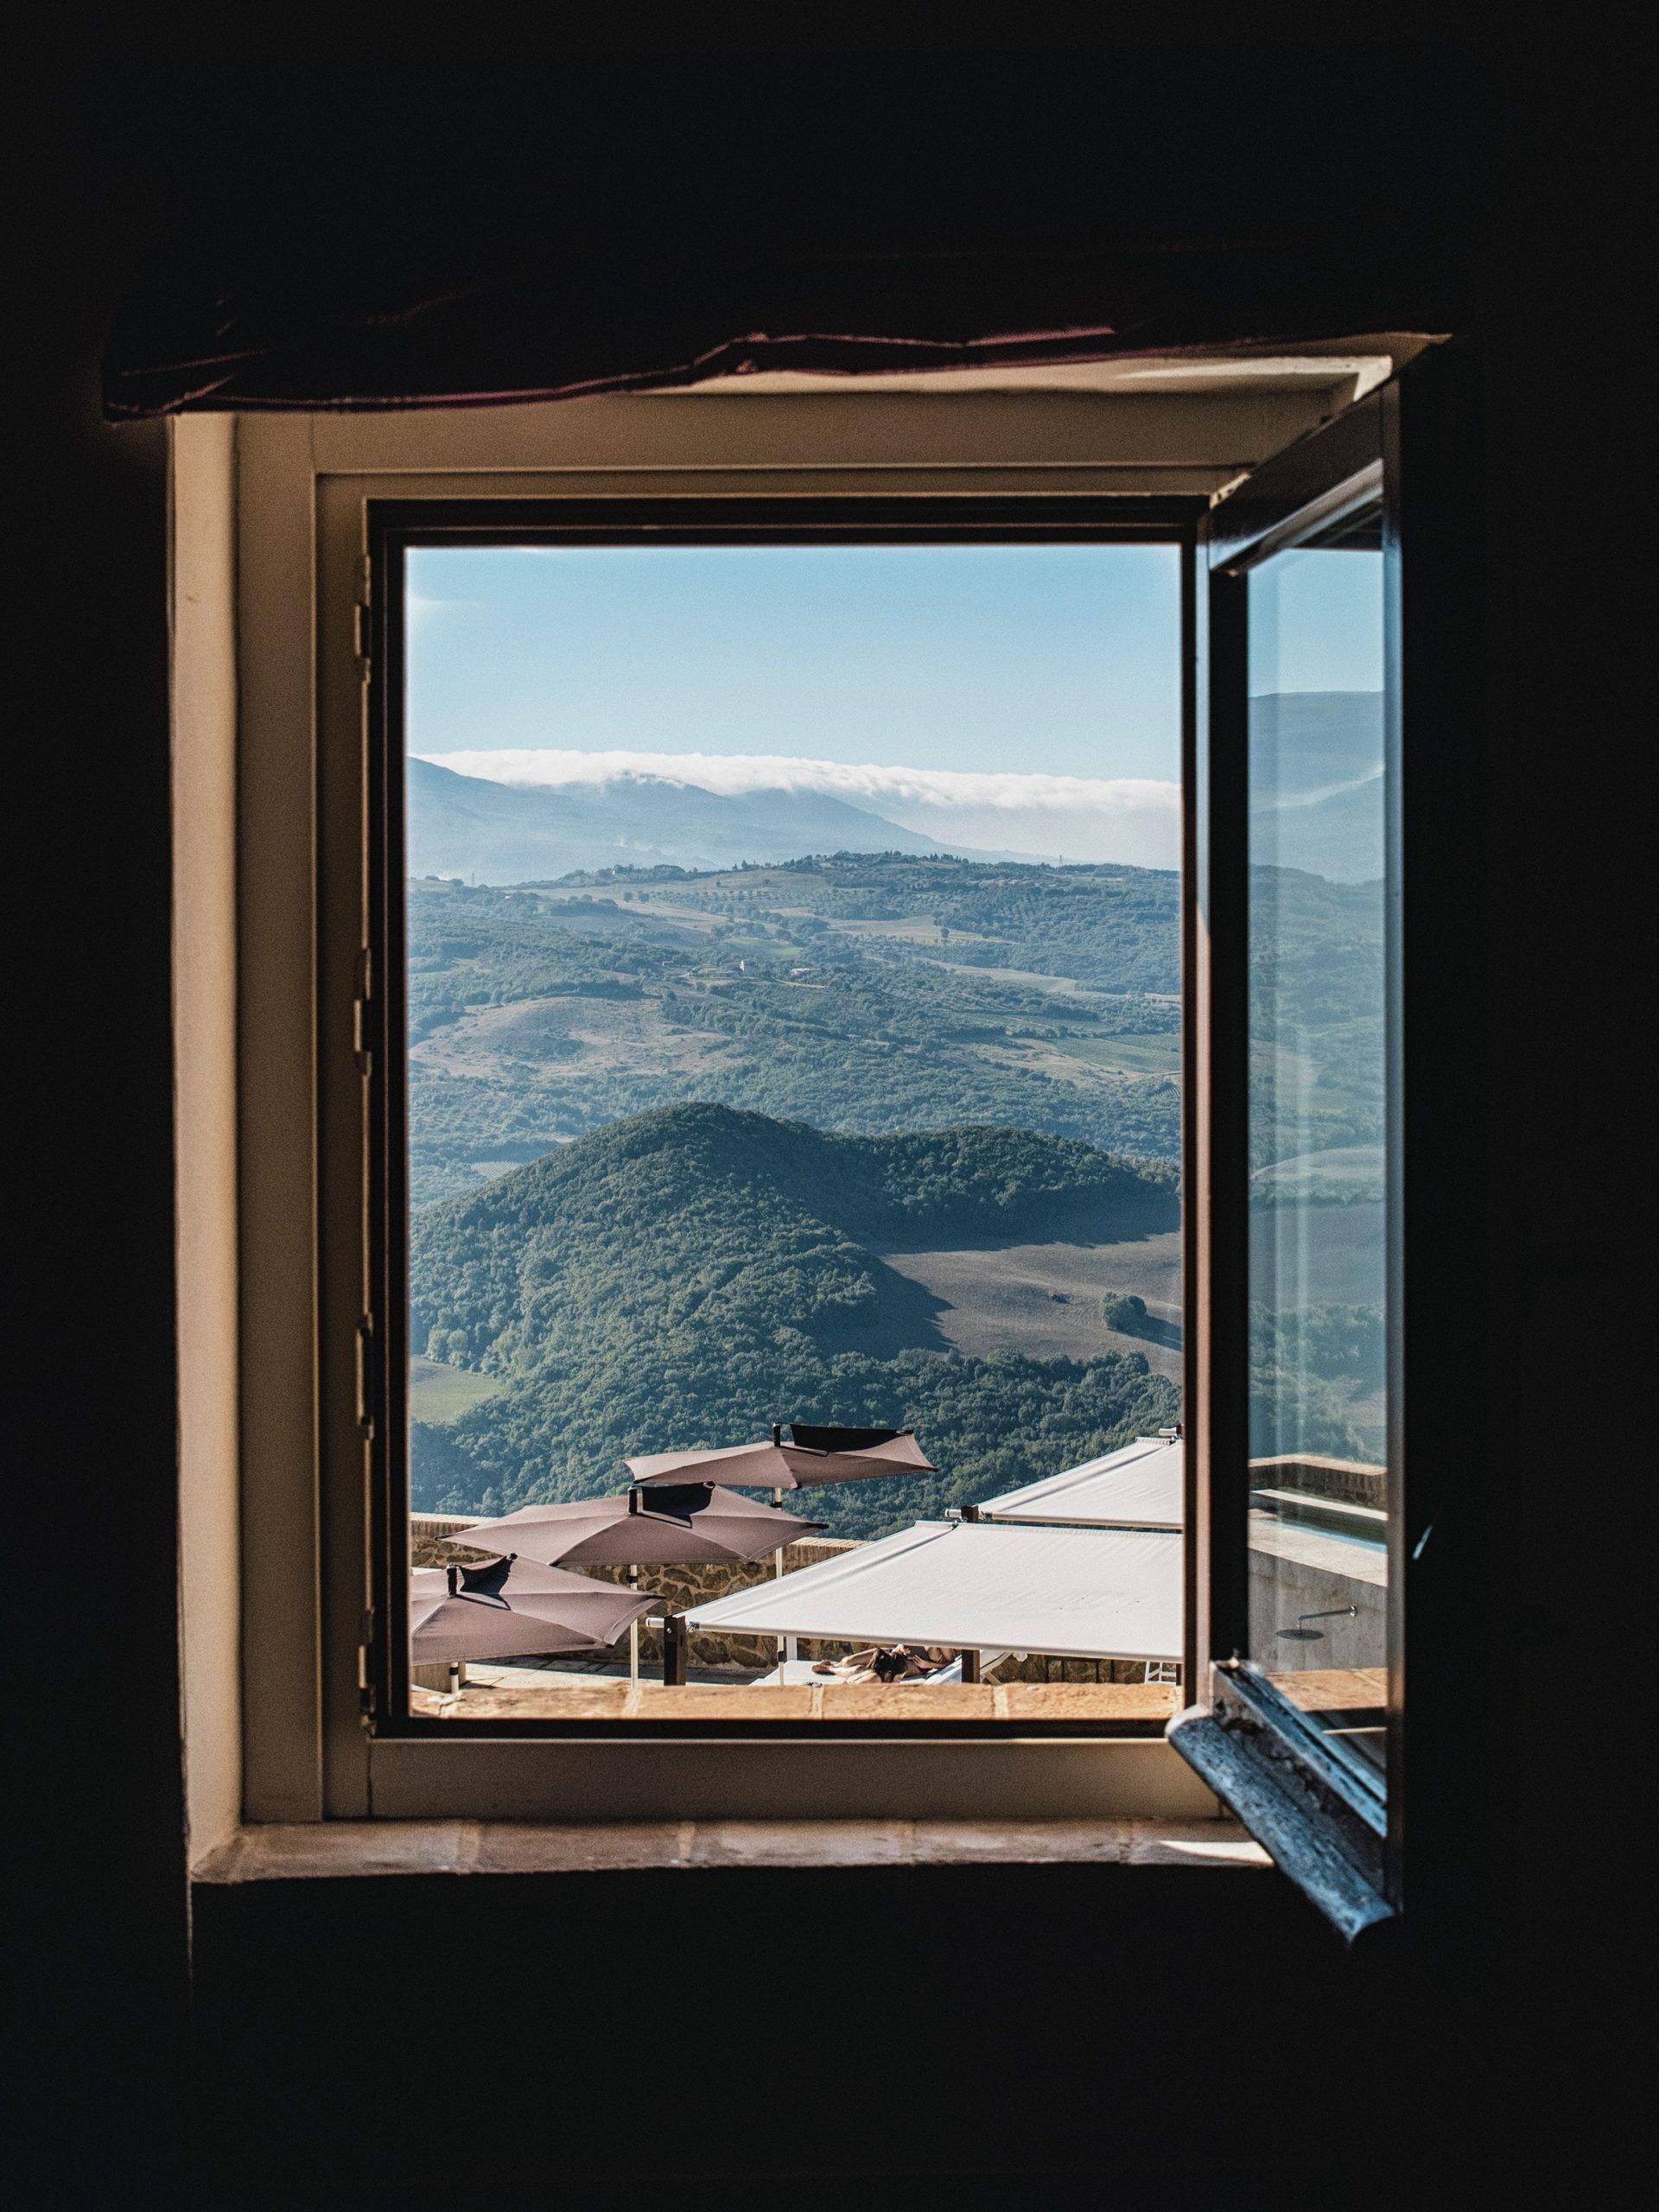 Full Size of Günstige Fenster Ein Angebot Erhalten Sie Bei Uns Innerhalb Von 24 Stunden Einbauen Verdunkeln Mit Sprossen Velux Gardinen Sicherheitsfolie Veka Kaufen In Fenster Günstige Fenster